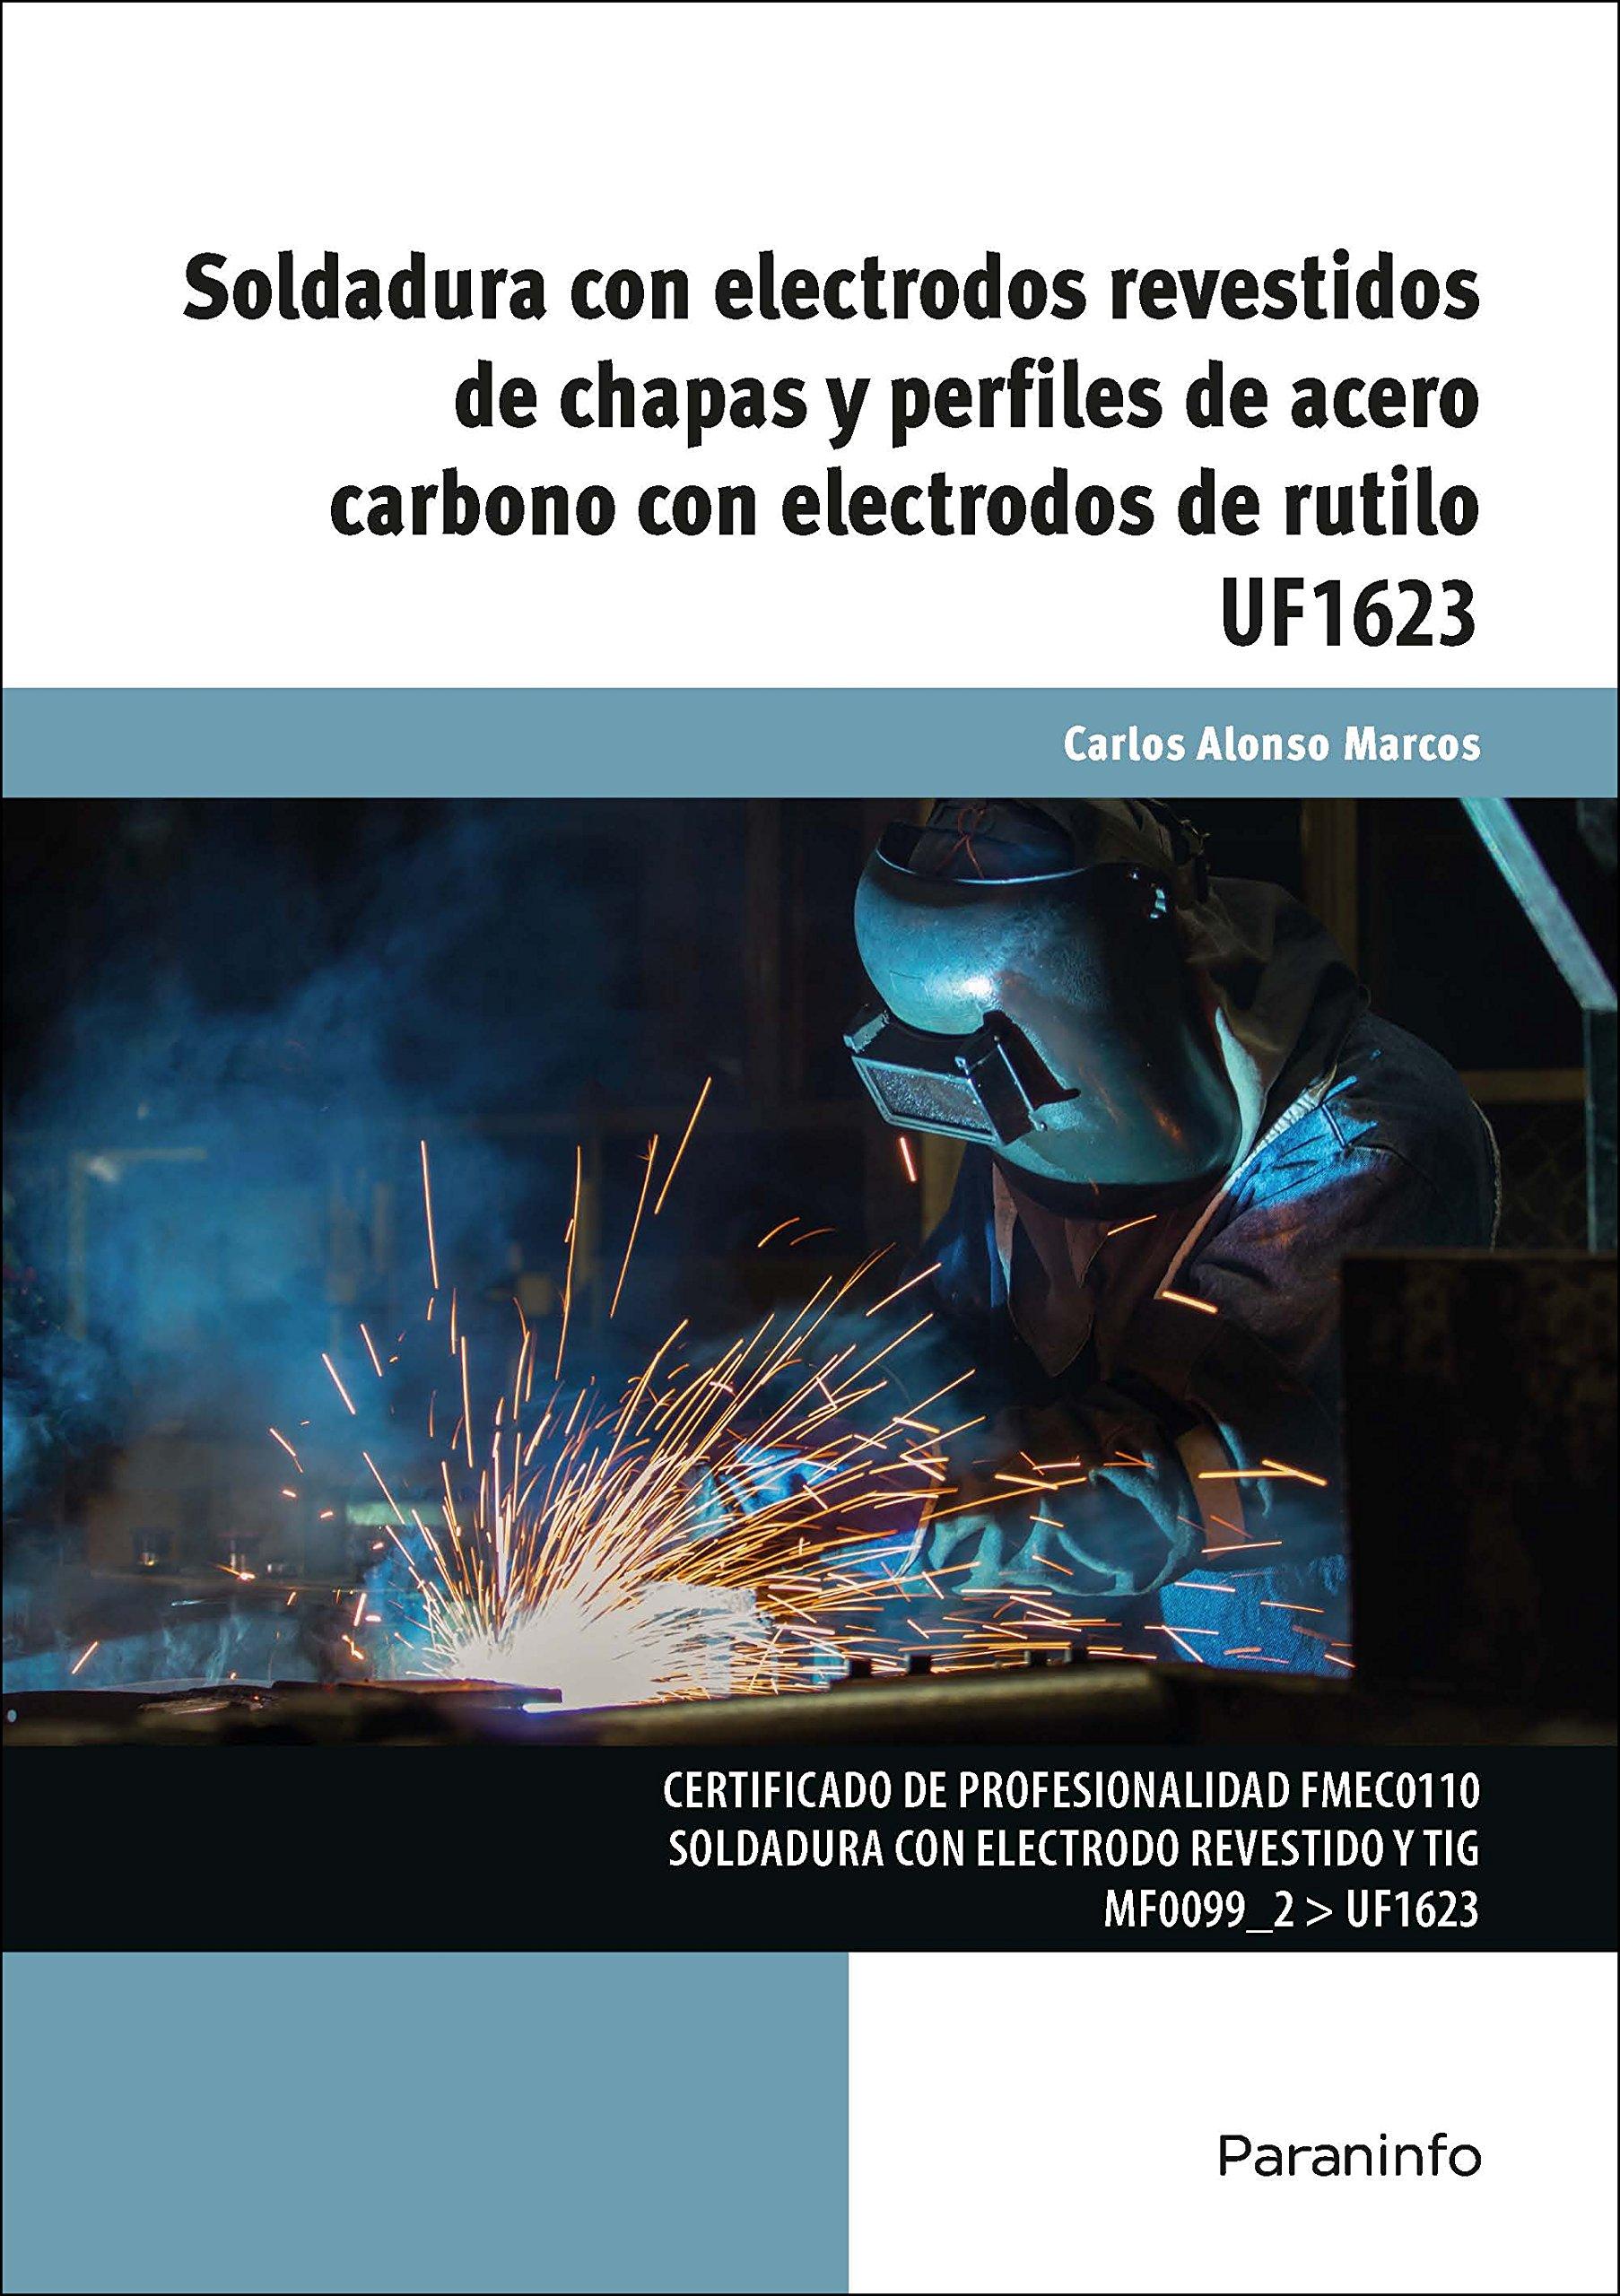 Soldadura con electrodos revestidos de chapas y perfiles de acero carbono con electrodos de rutilo: CARLOS ALONSO MARCOS: 9788428337090: Amazon.com: Books